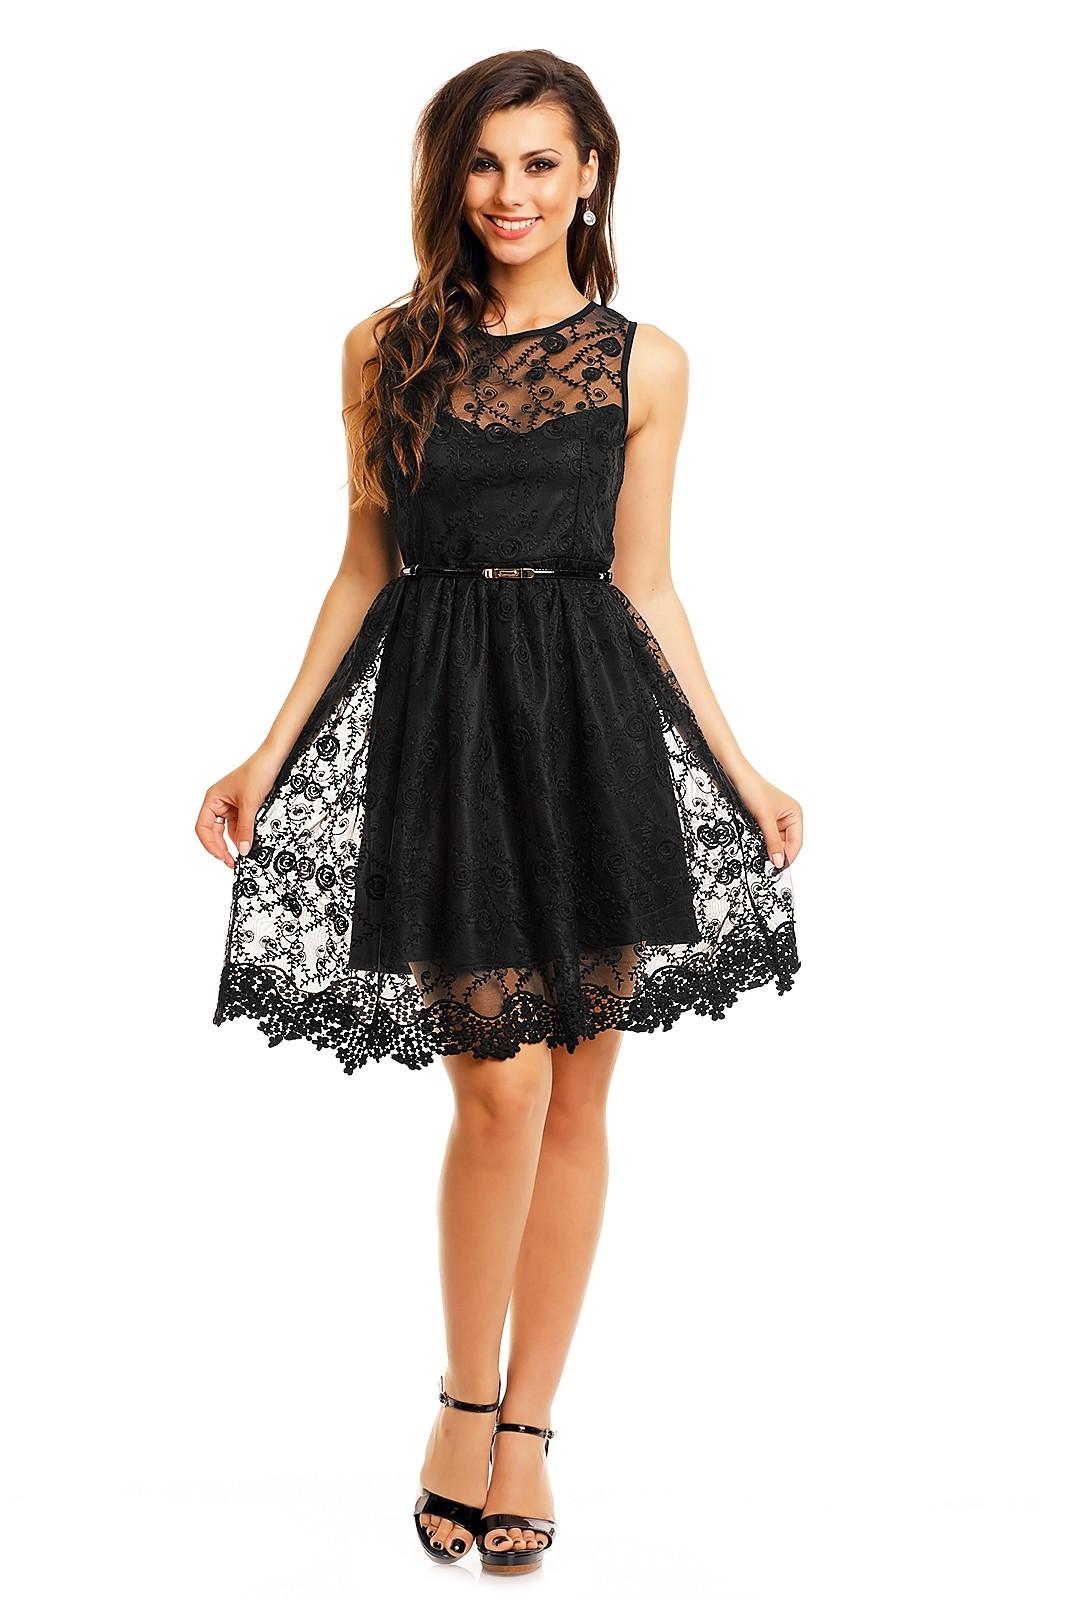 Spoločenské šaty MAYAADI krajkové s opaskom stredne dlhé čierne - Čierna - MAYAADI černá XL